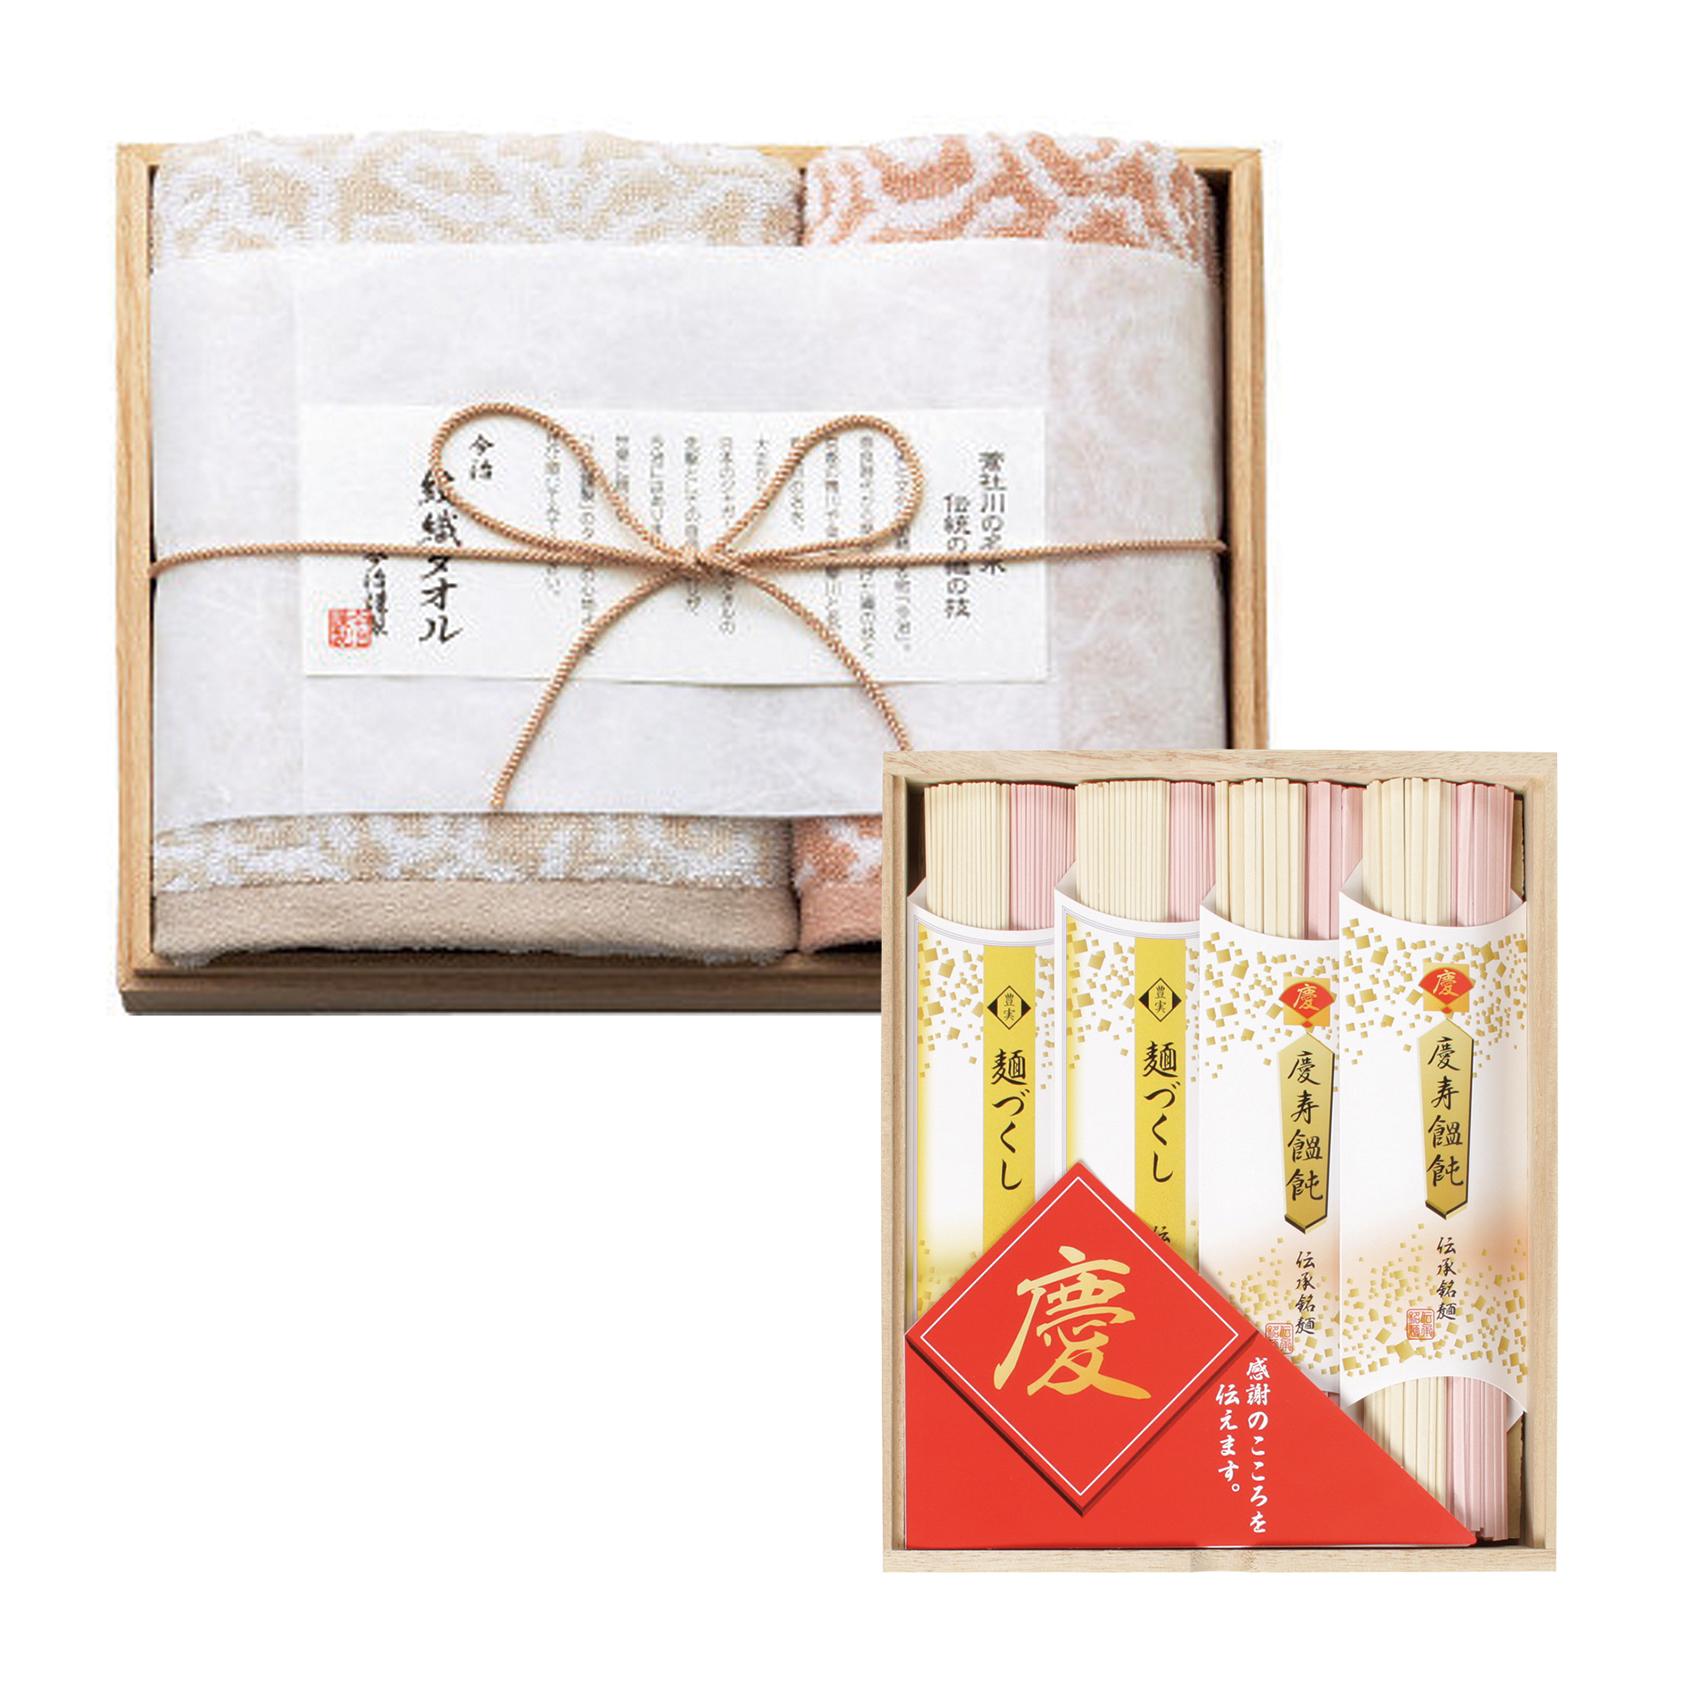 【お急ぎ便】名入れ紅白麺&今治タオル木箱入りセットA